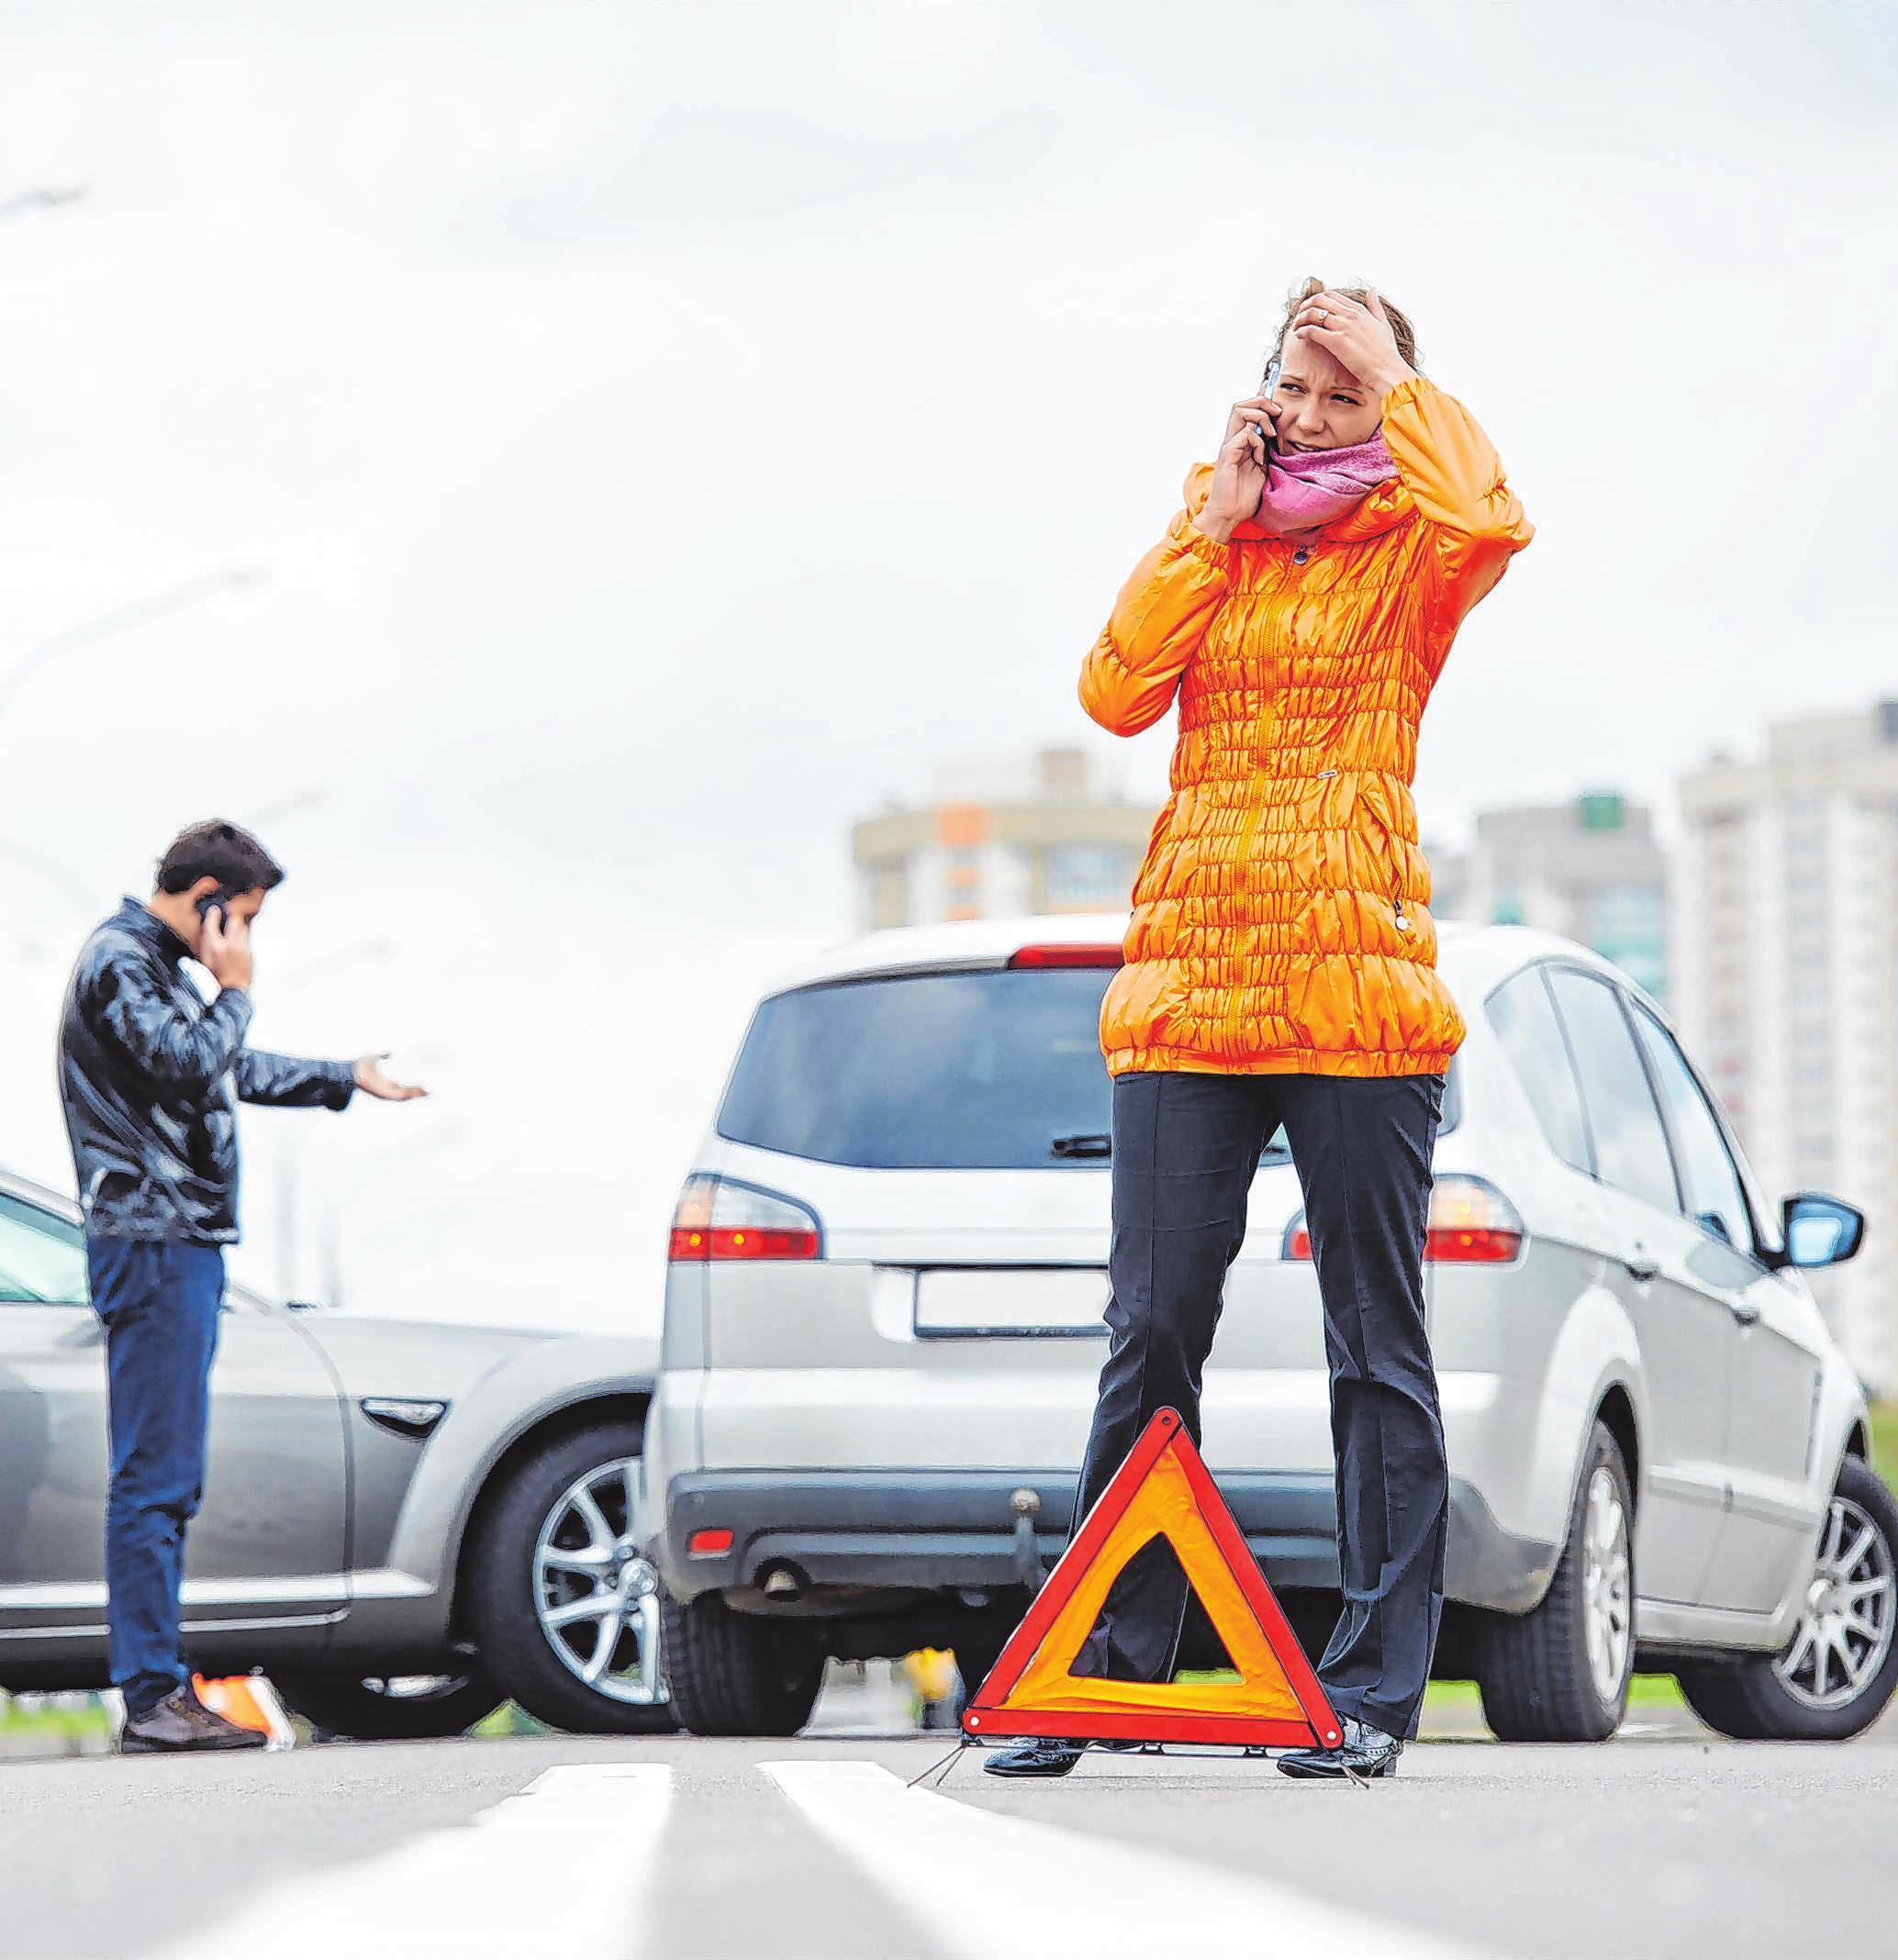 Hat es gekracht, sind Beteiligte gut beraten, die eigene Versicherung zu informieren sowie bei Unstimmigkeiten einen Rechtsbeistand hinzuzuziehen. Foto:shutterstock.com